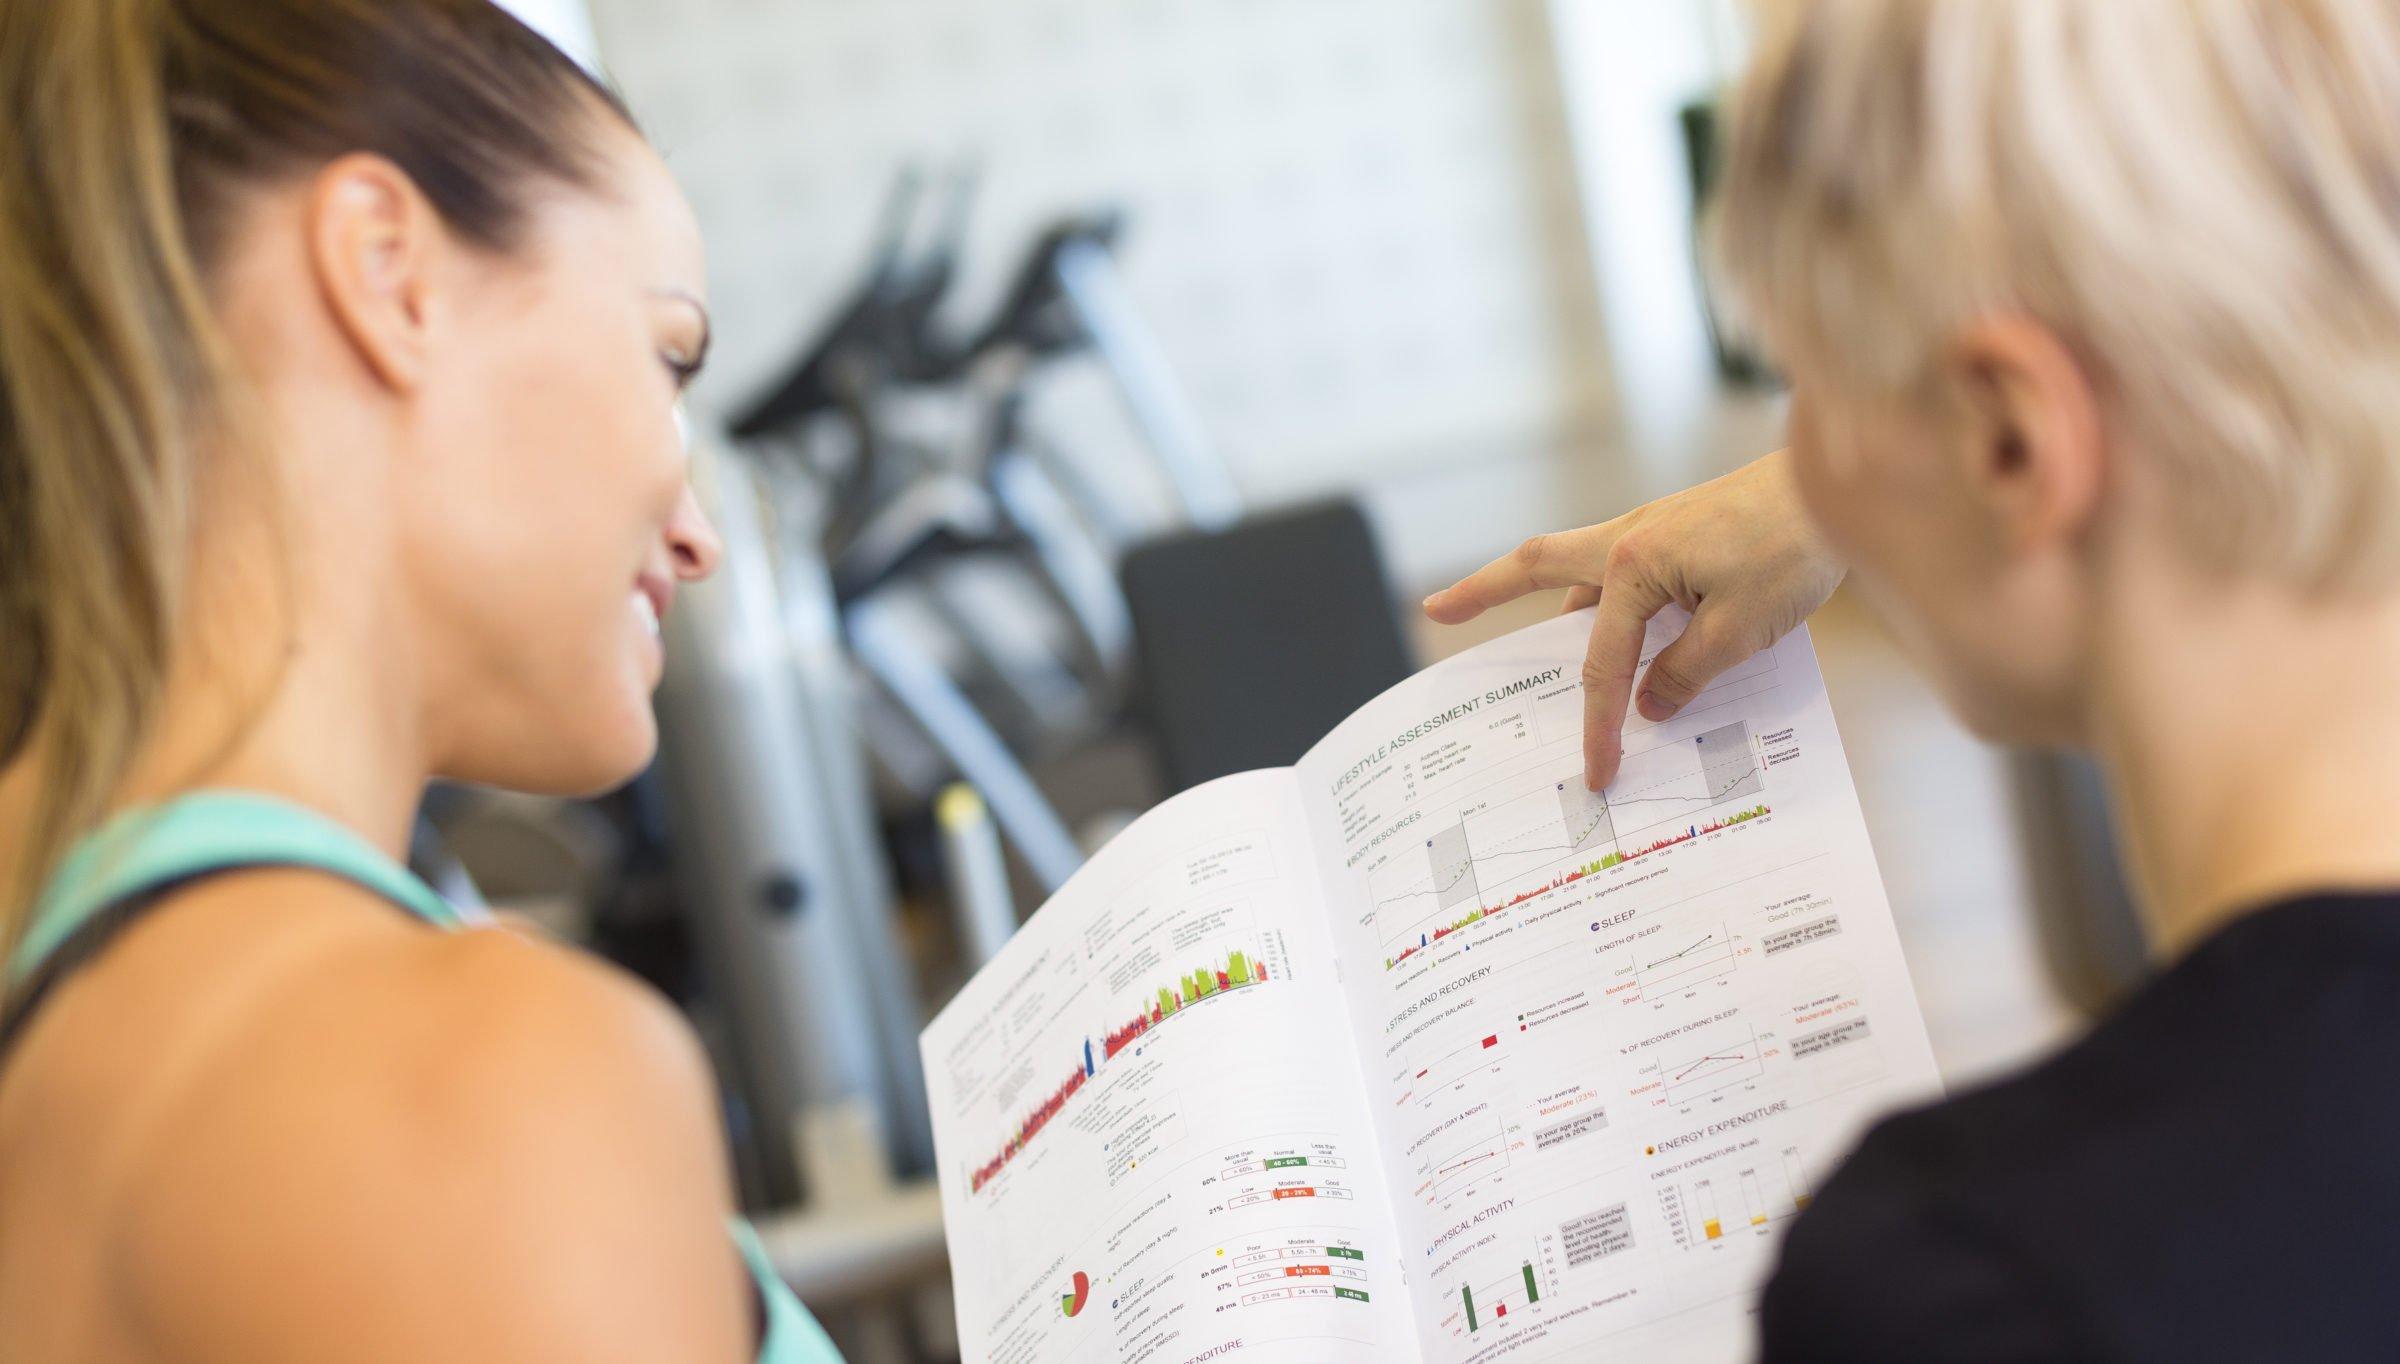 Firstbeat Hyvinvointianalyysi parantaa liikkumista, unenlaatua sekä stressinhallintaa.